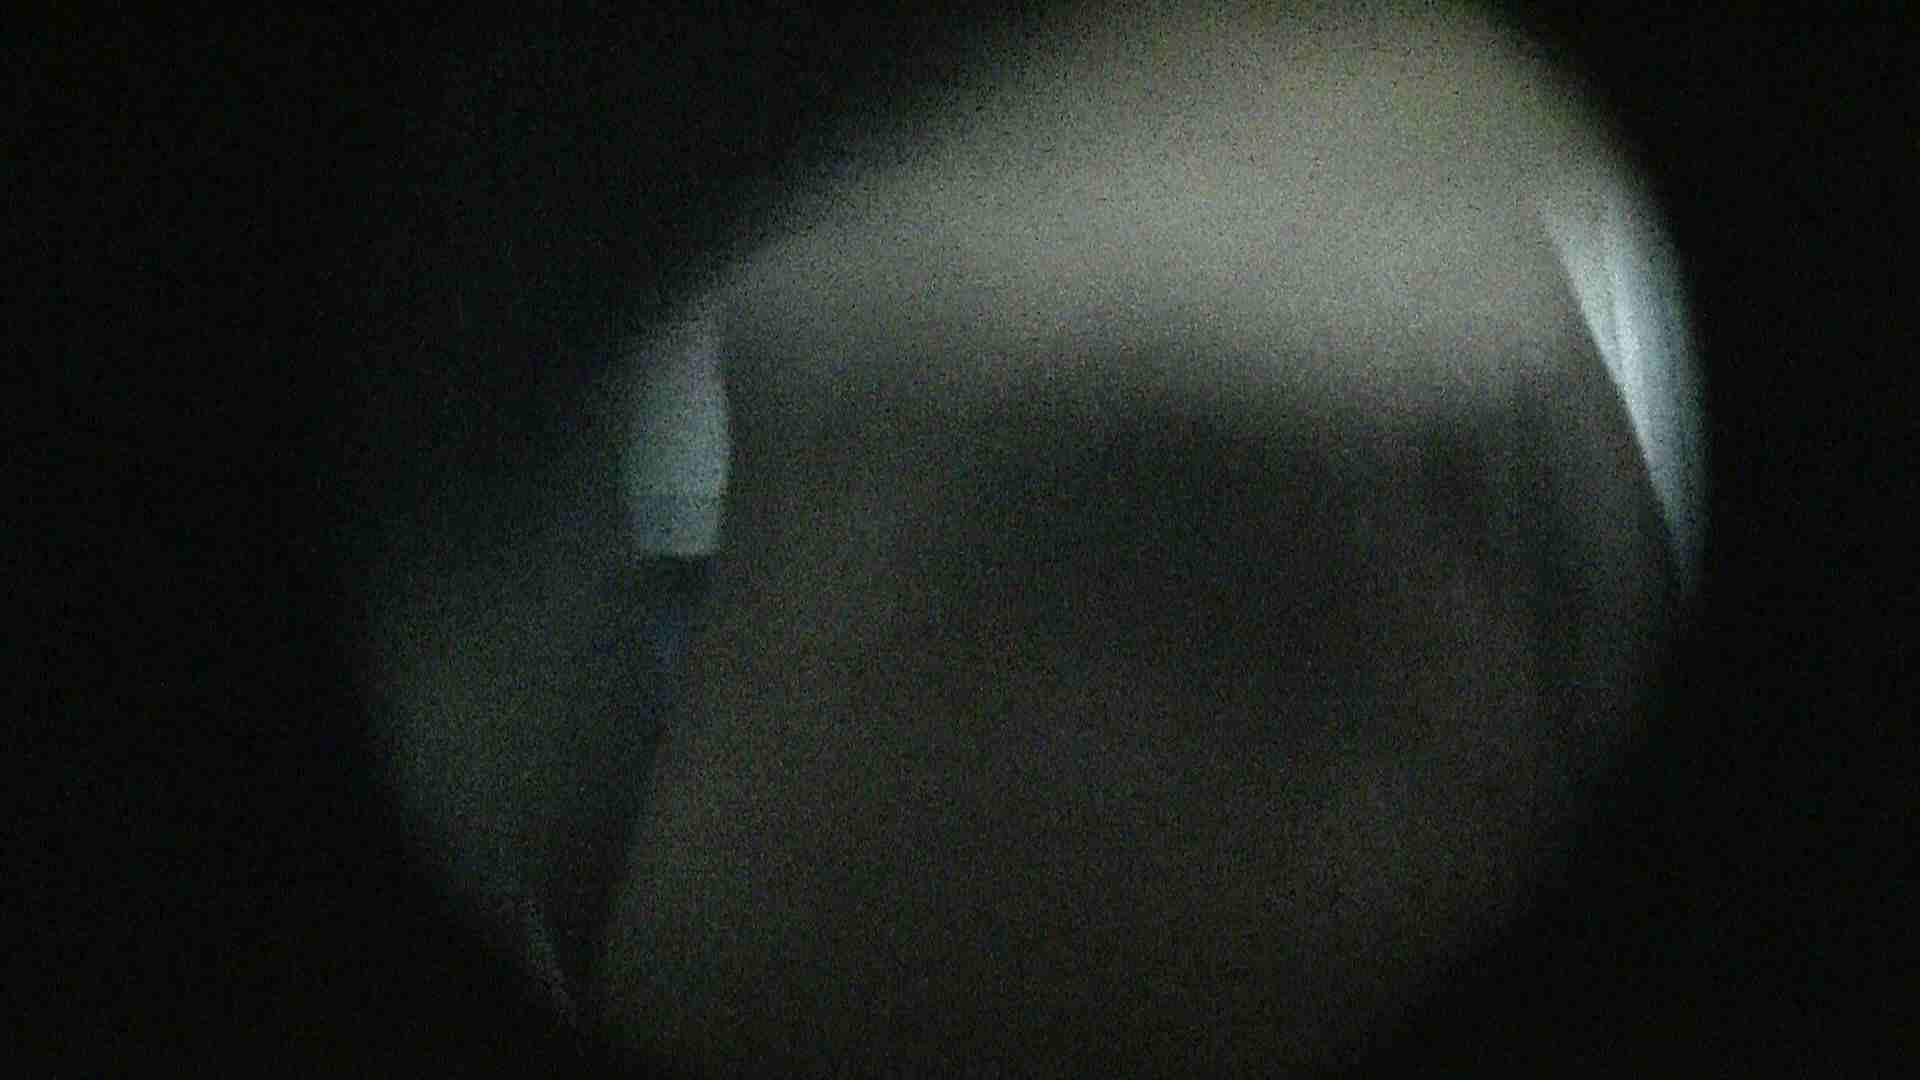 NO.13 暗いですが豪快な砂落としが好印象 シャワー室  89pic 76